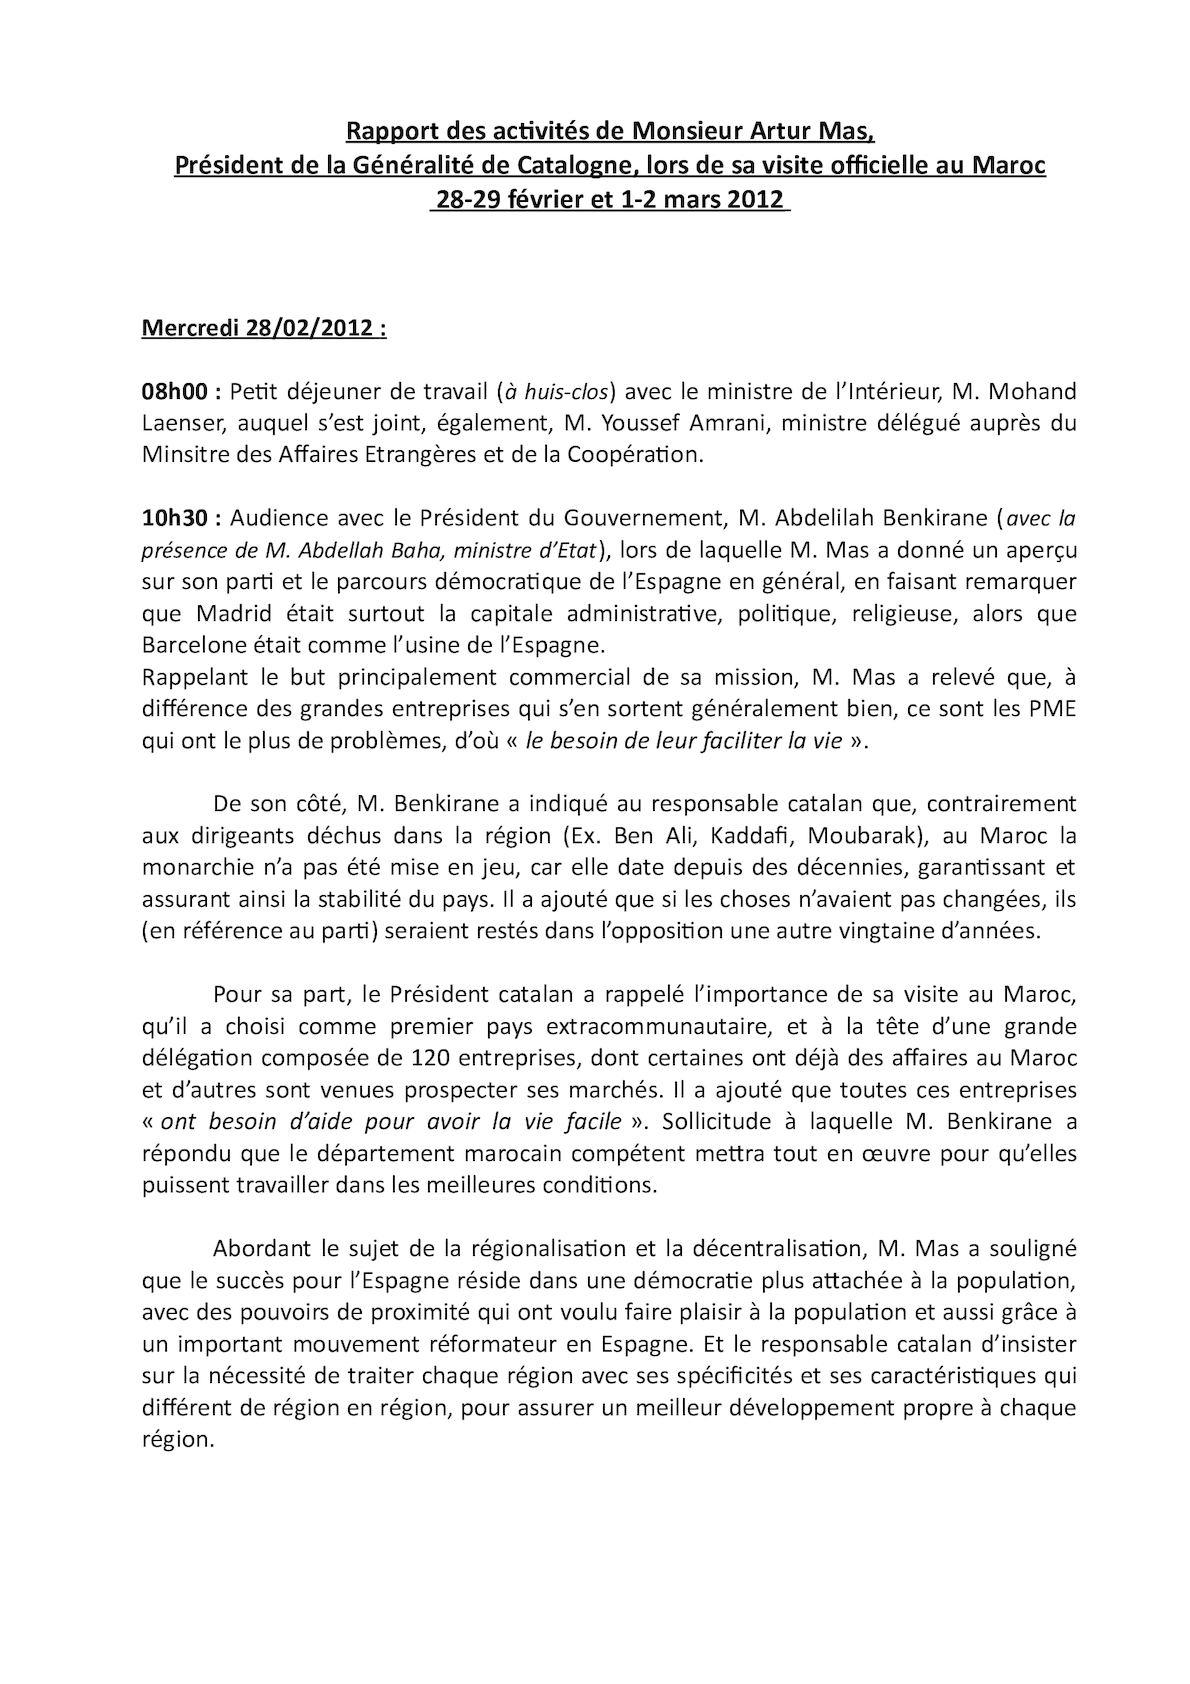 Rapport Final Visite Artur Mas